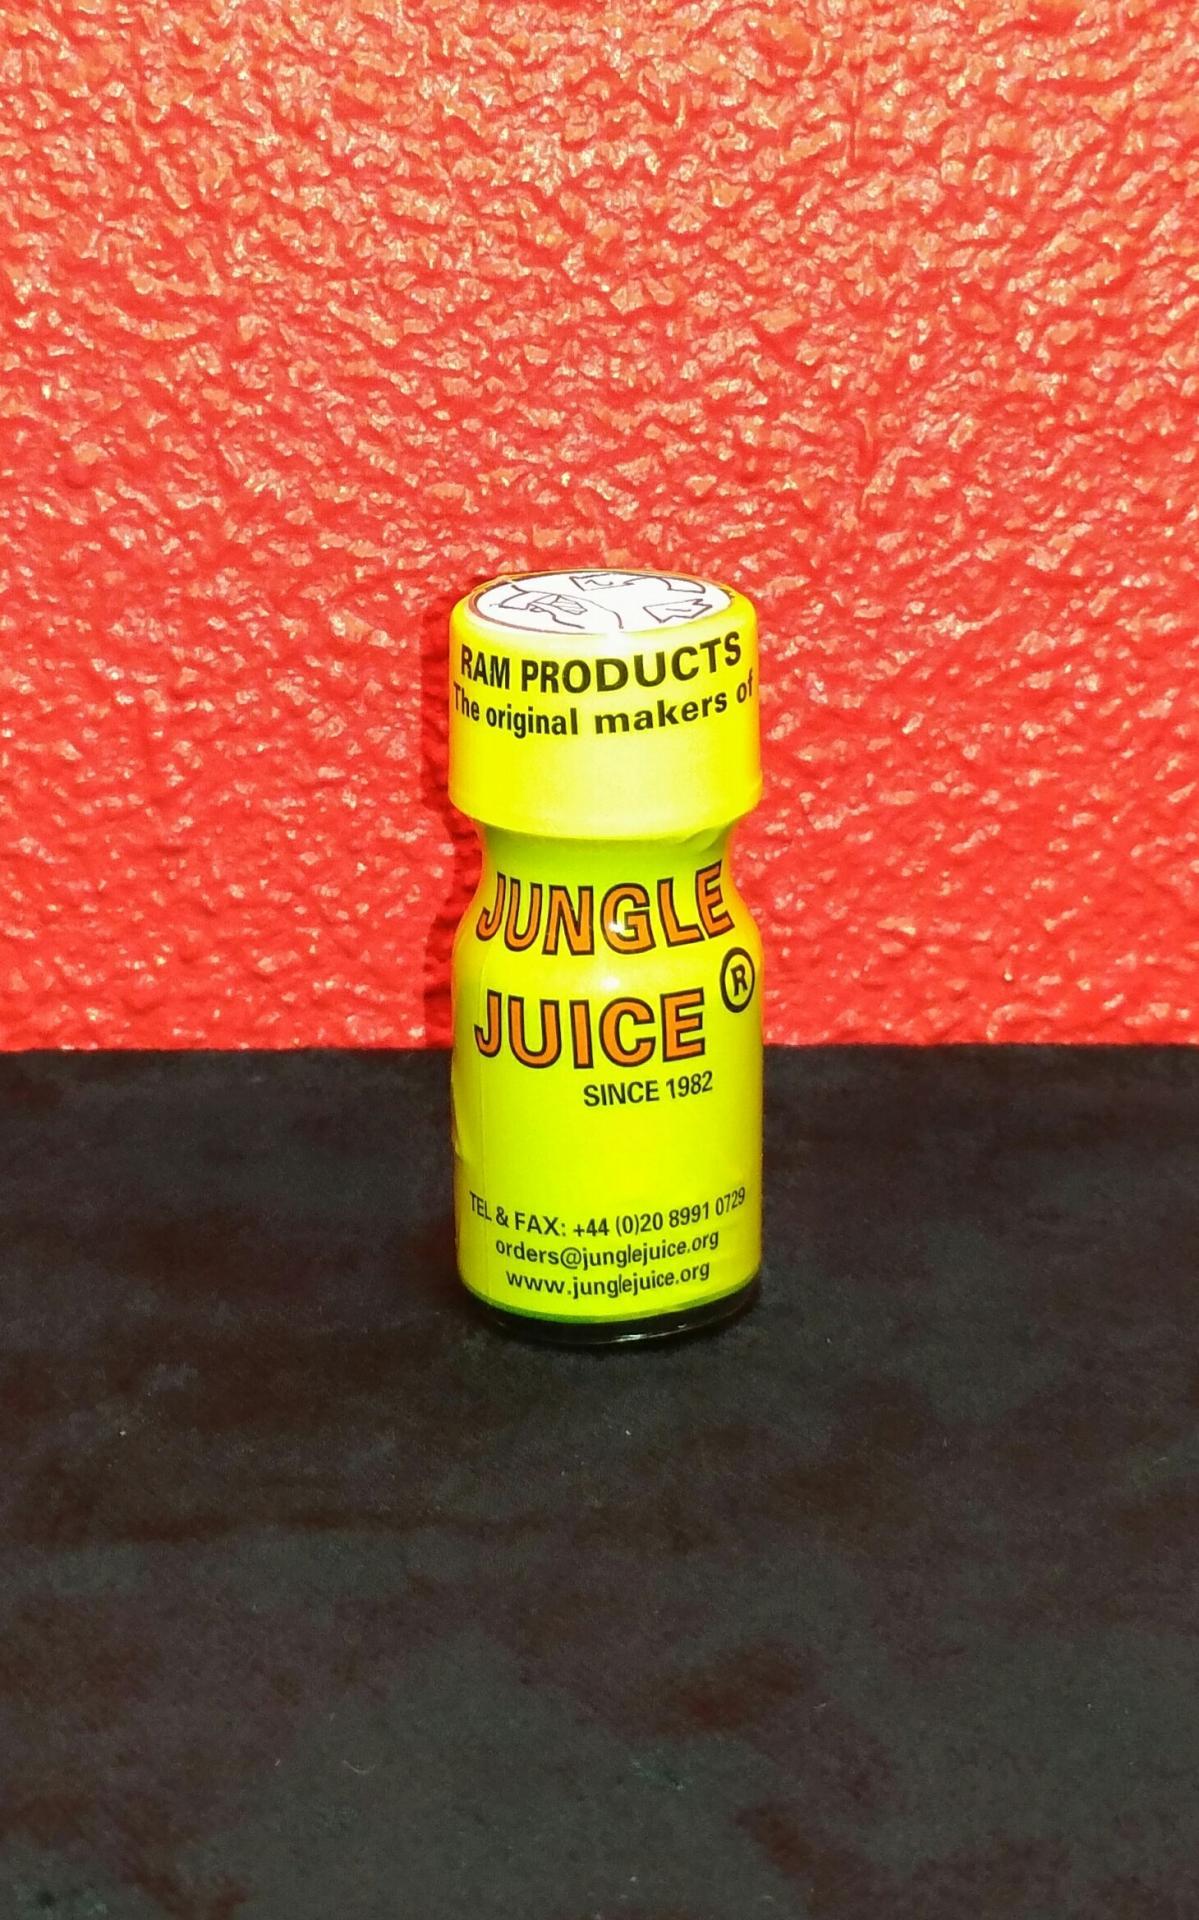 Poppers juingle juice ram product 10ml 200420